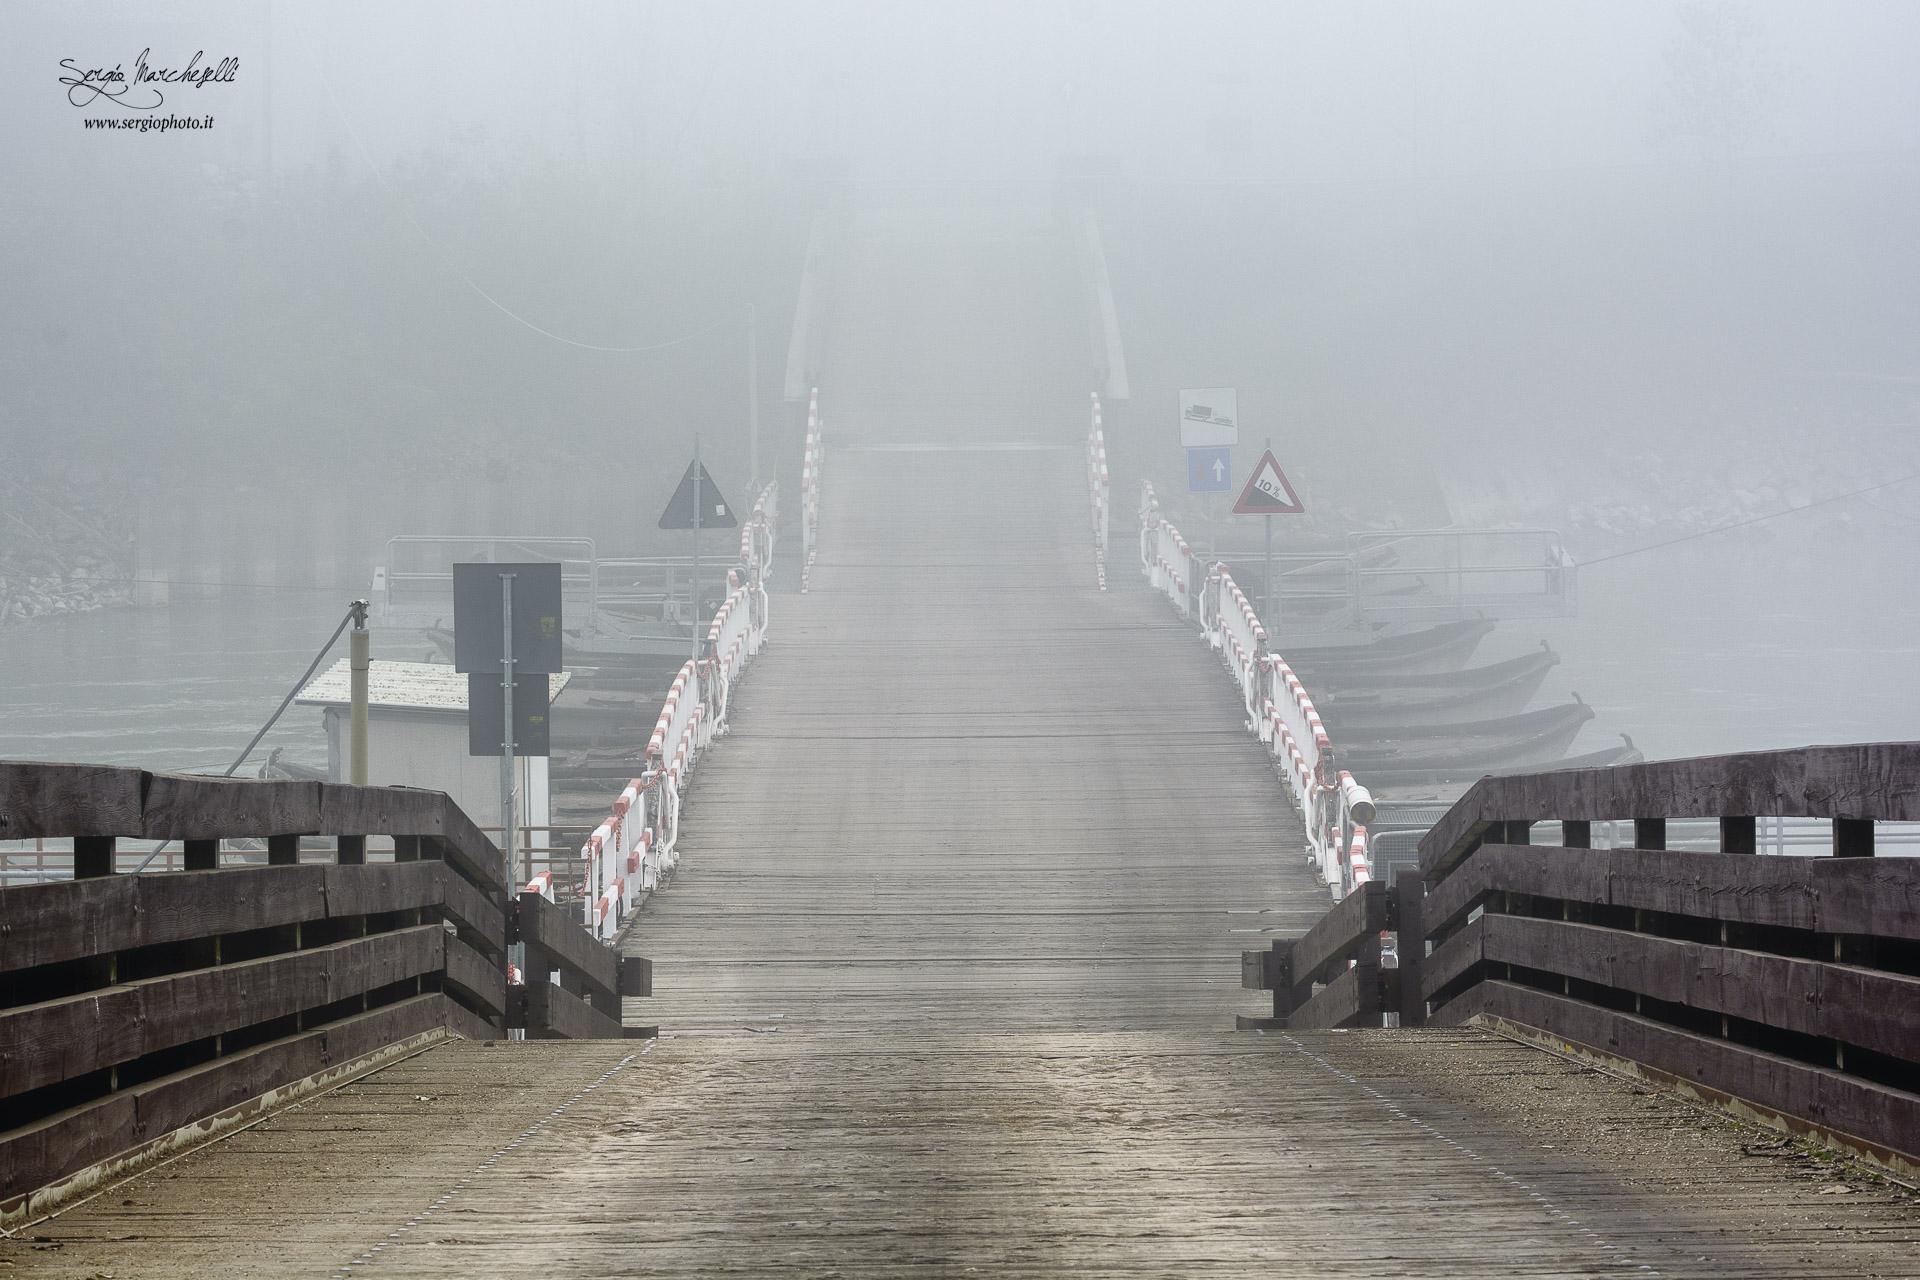 ponte-in-barche